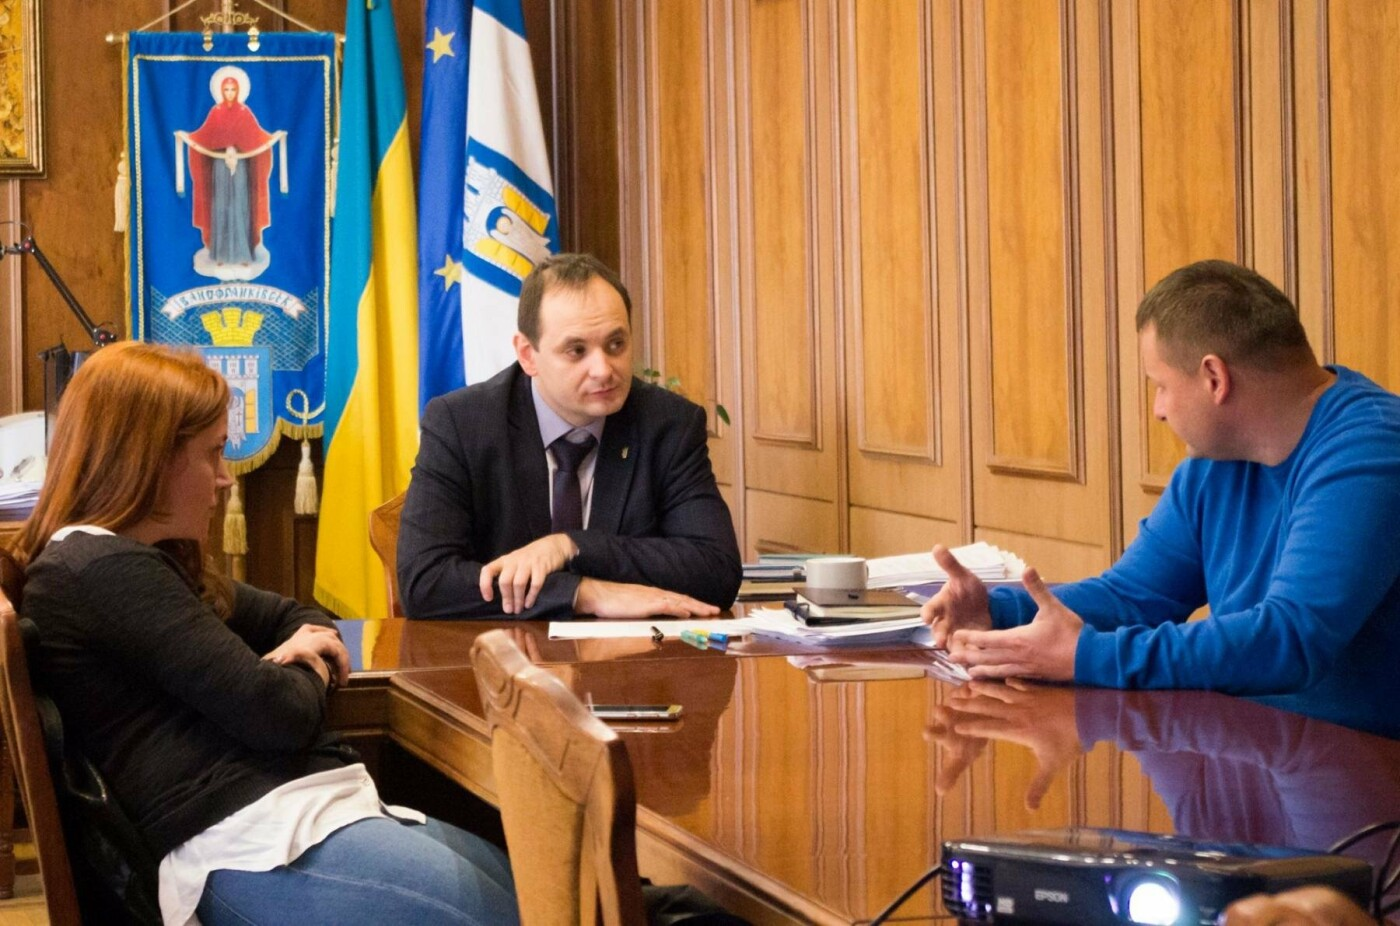 Марцінків збирається розвинути в Івано-Франківську IT-сферу. ФОТО, фото-2